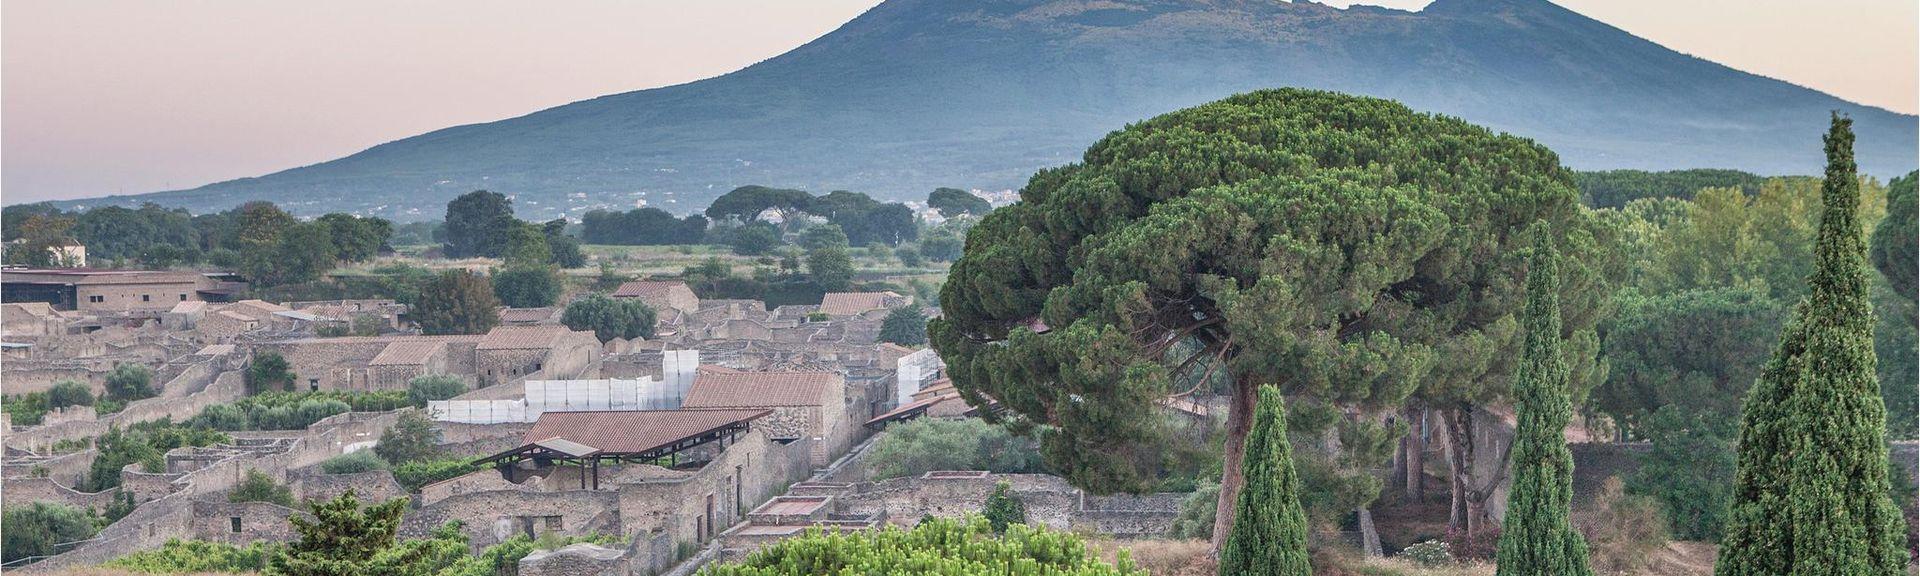 Chiesa di San Michele, Anacapri, Campania, Italy